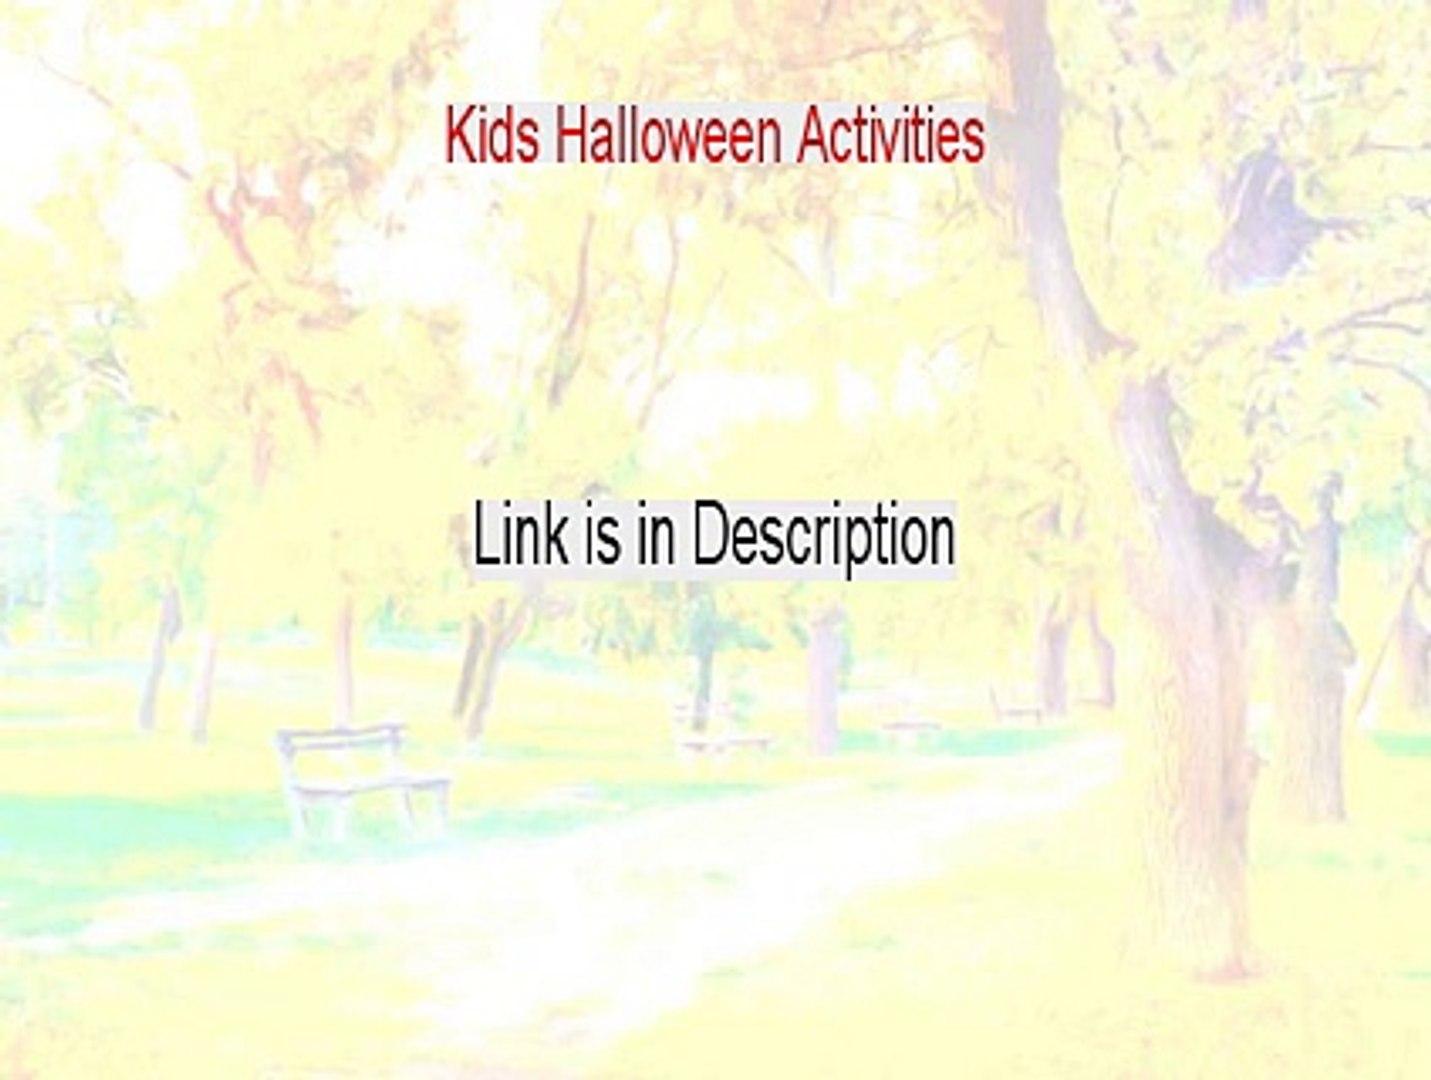 Kids Halloween Activities Reviewed - My Review [2015]